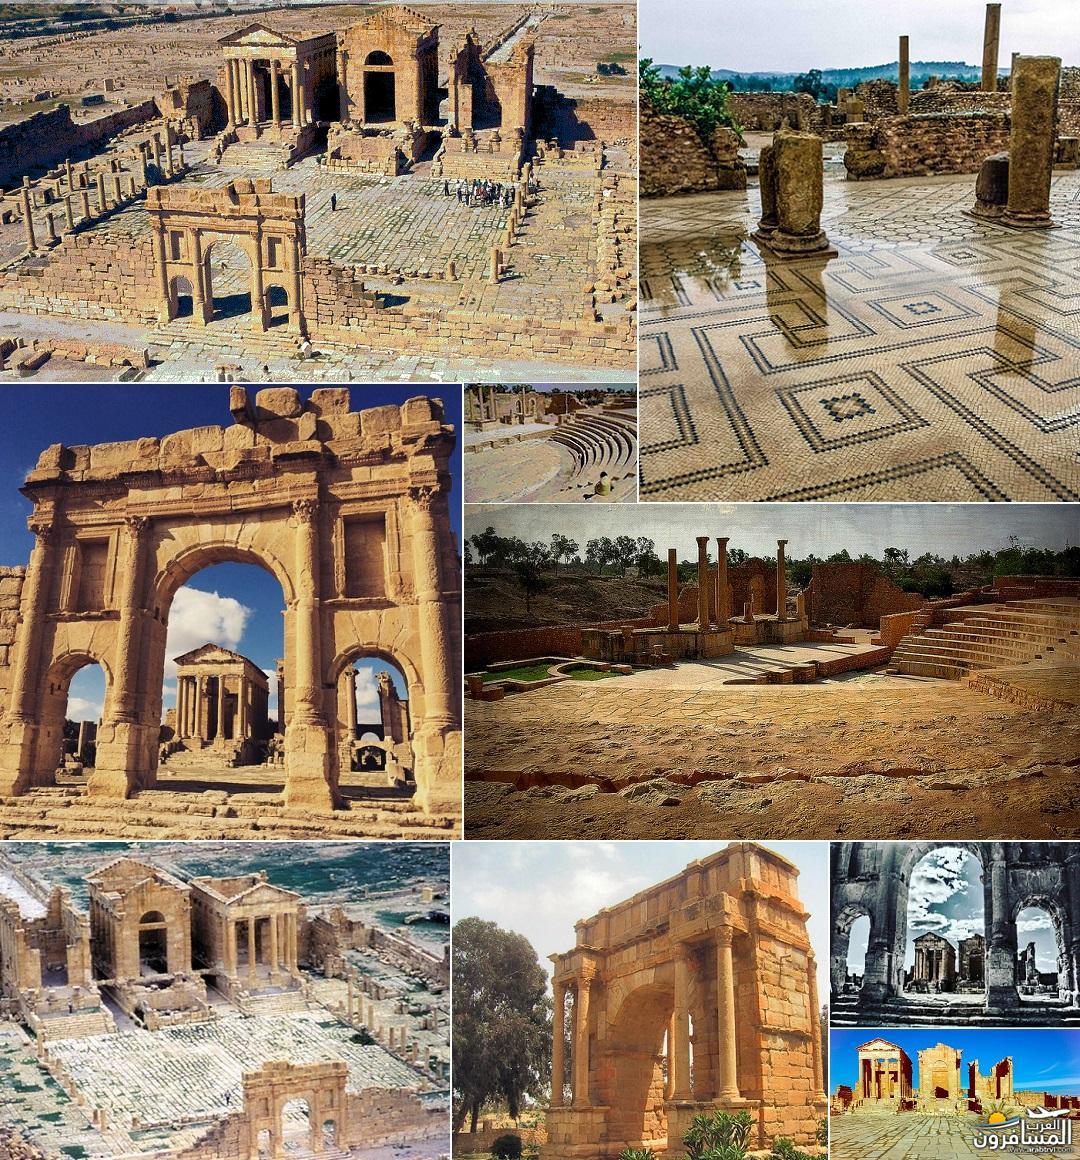 641840 المسافرون العرب خدمات سياحية متطورة في تونس